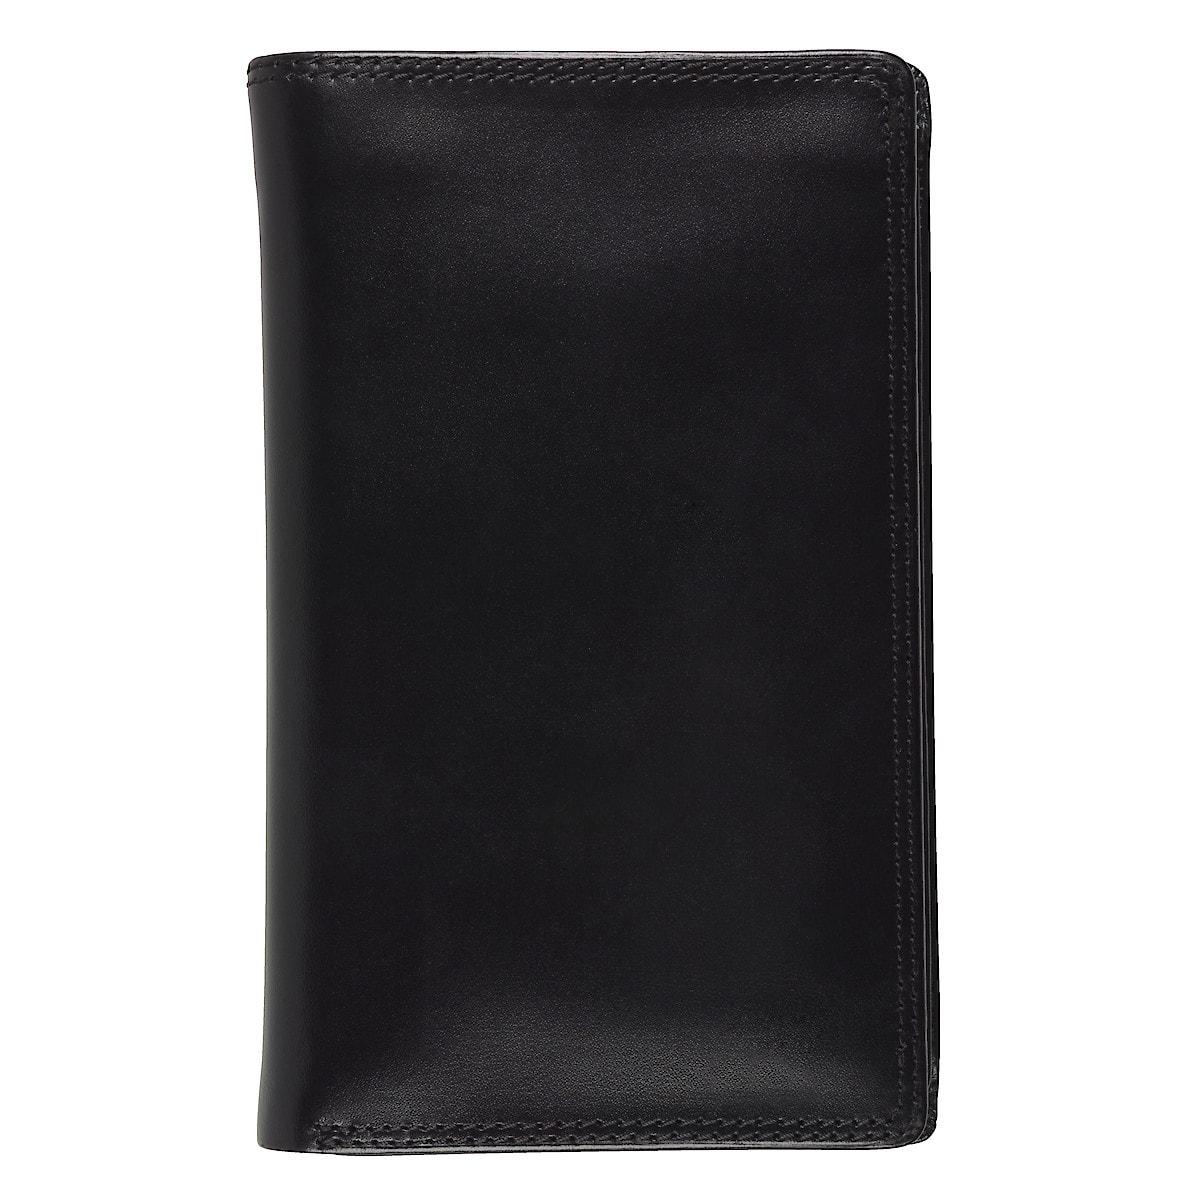 Asaklitt Wallet